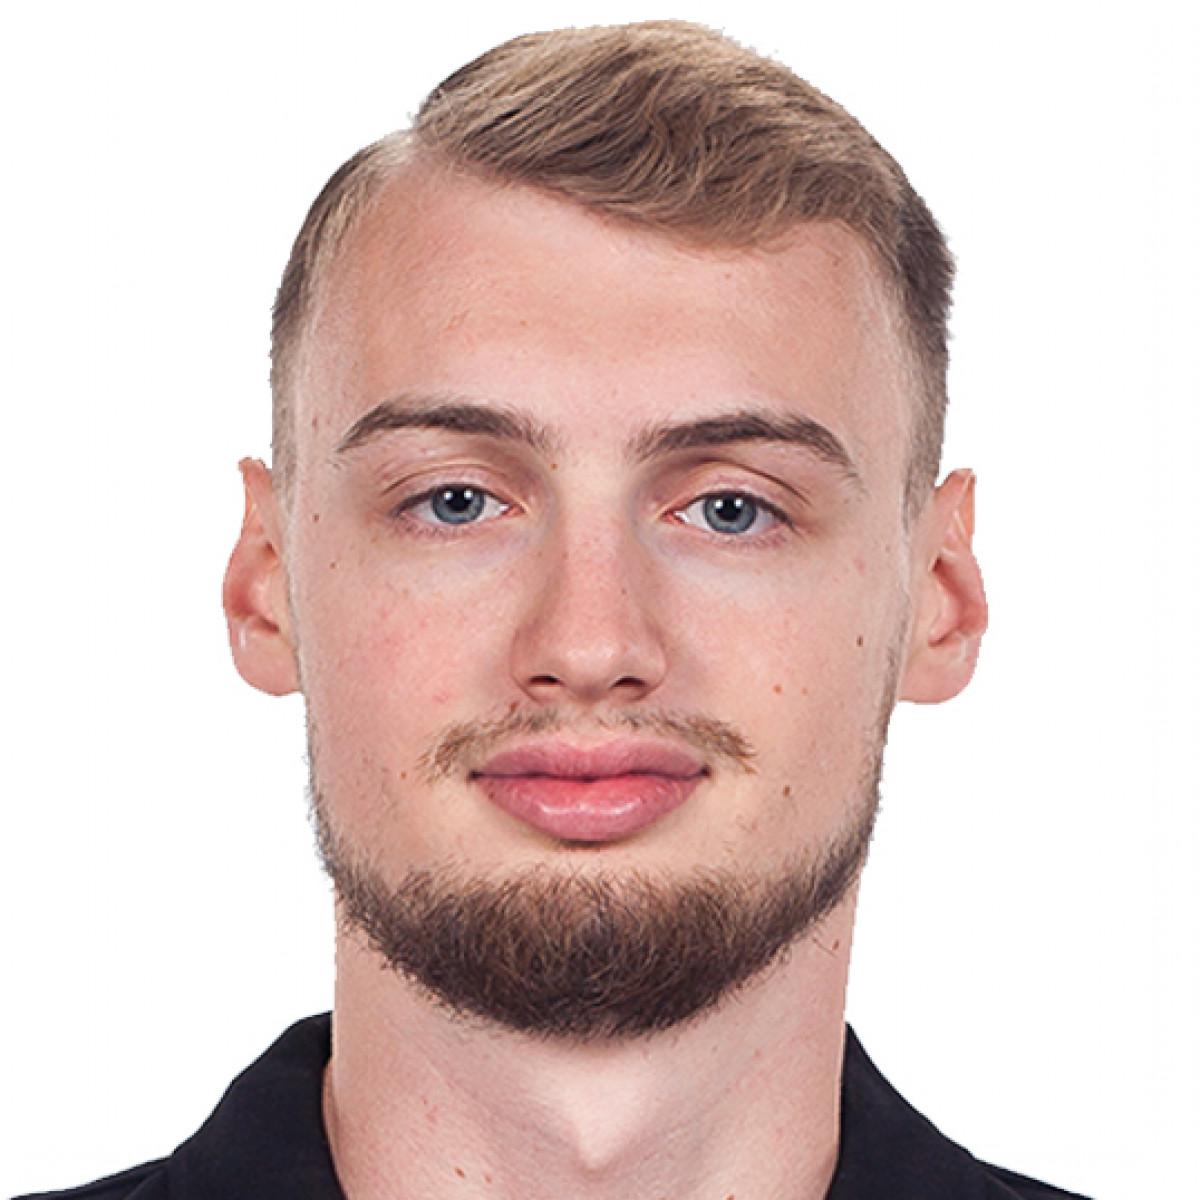 Wojciech Jakubiak